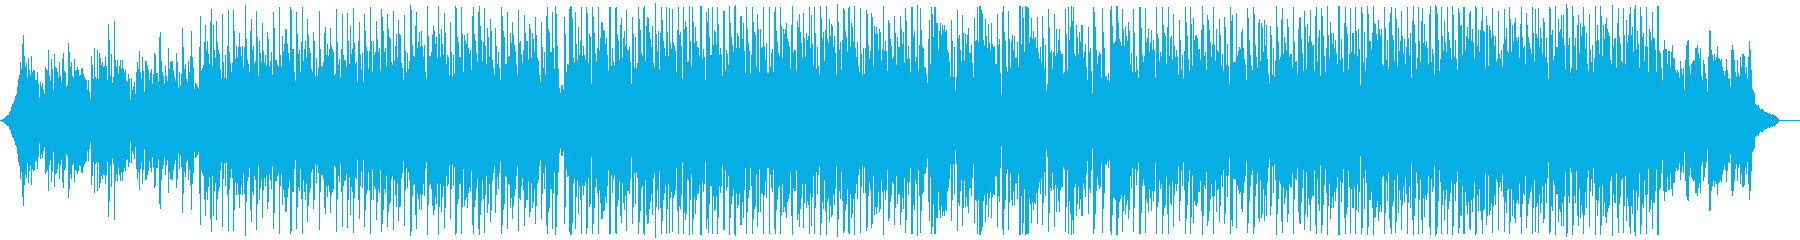 現代的な和風三味線ポップの再生済みの波形